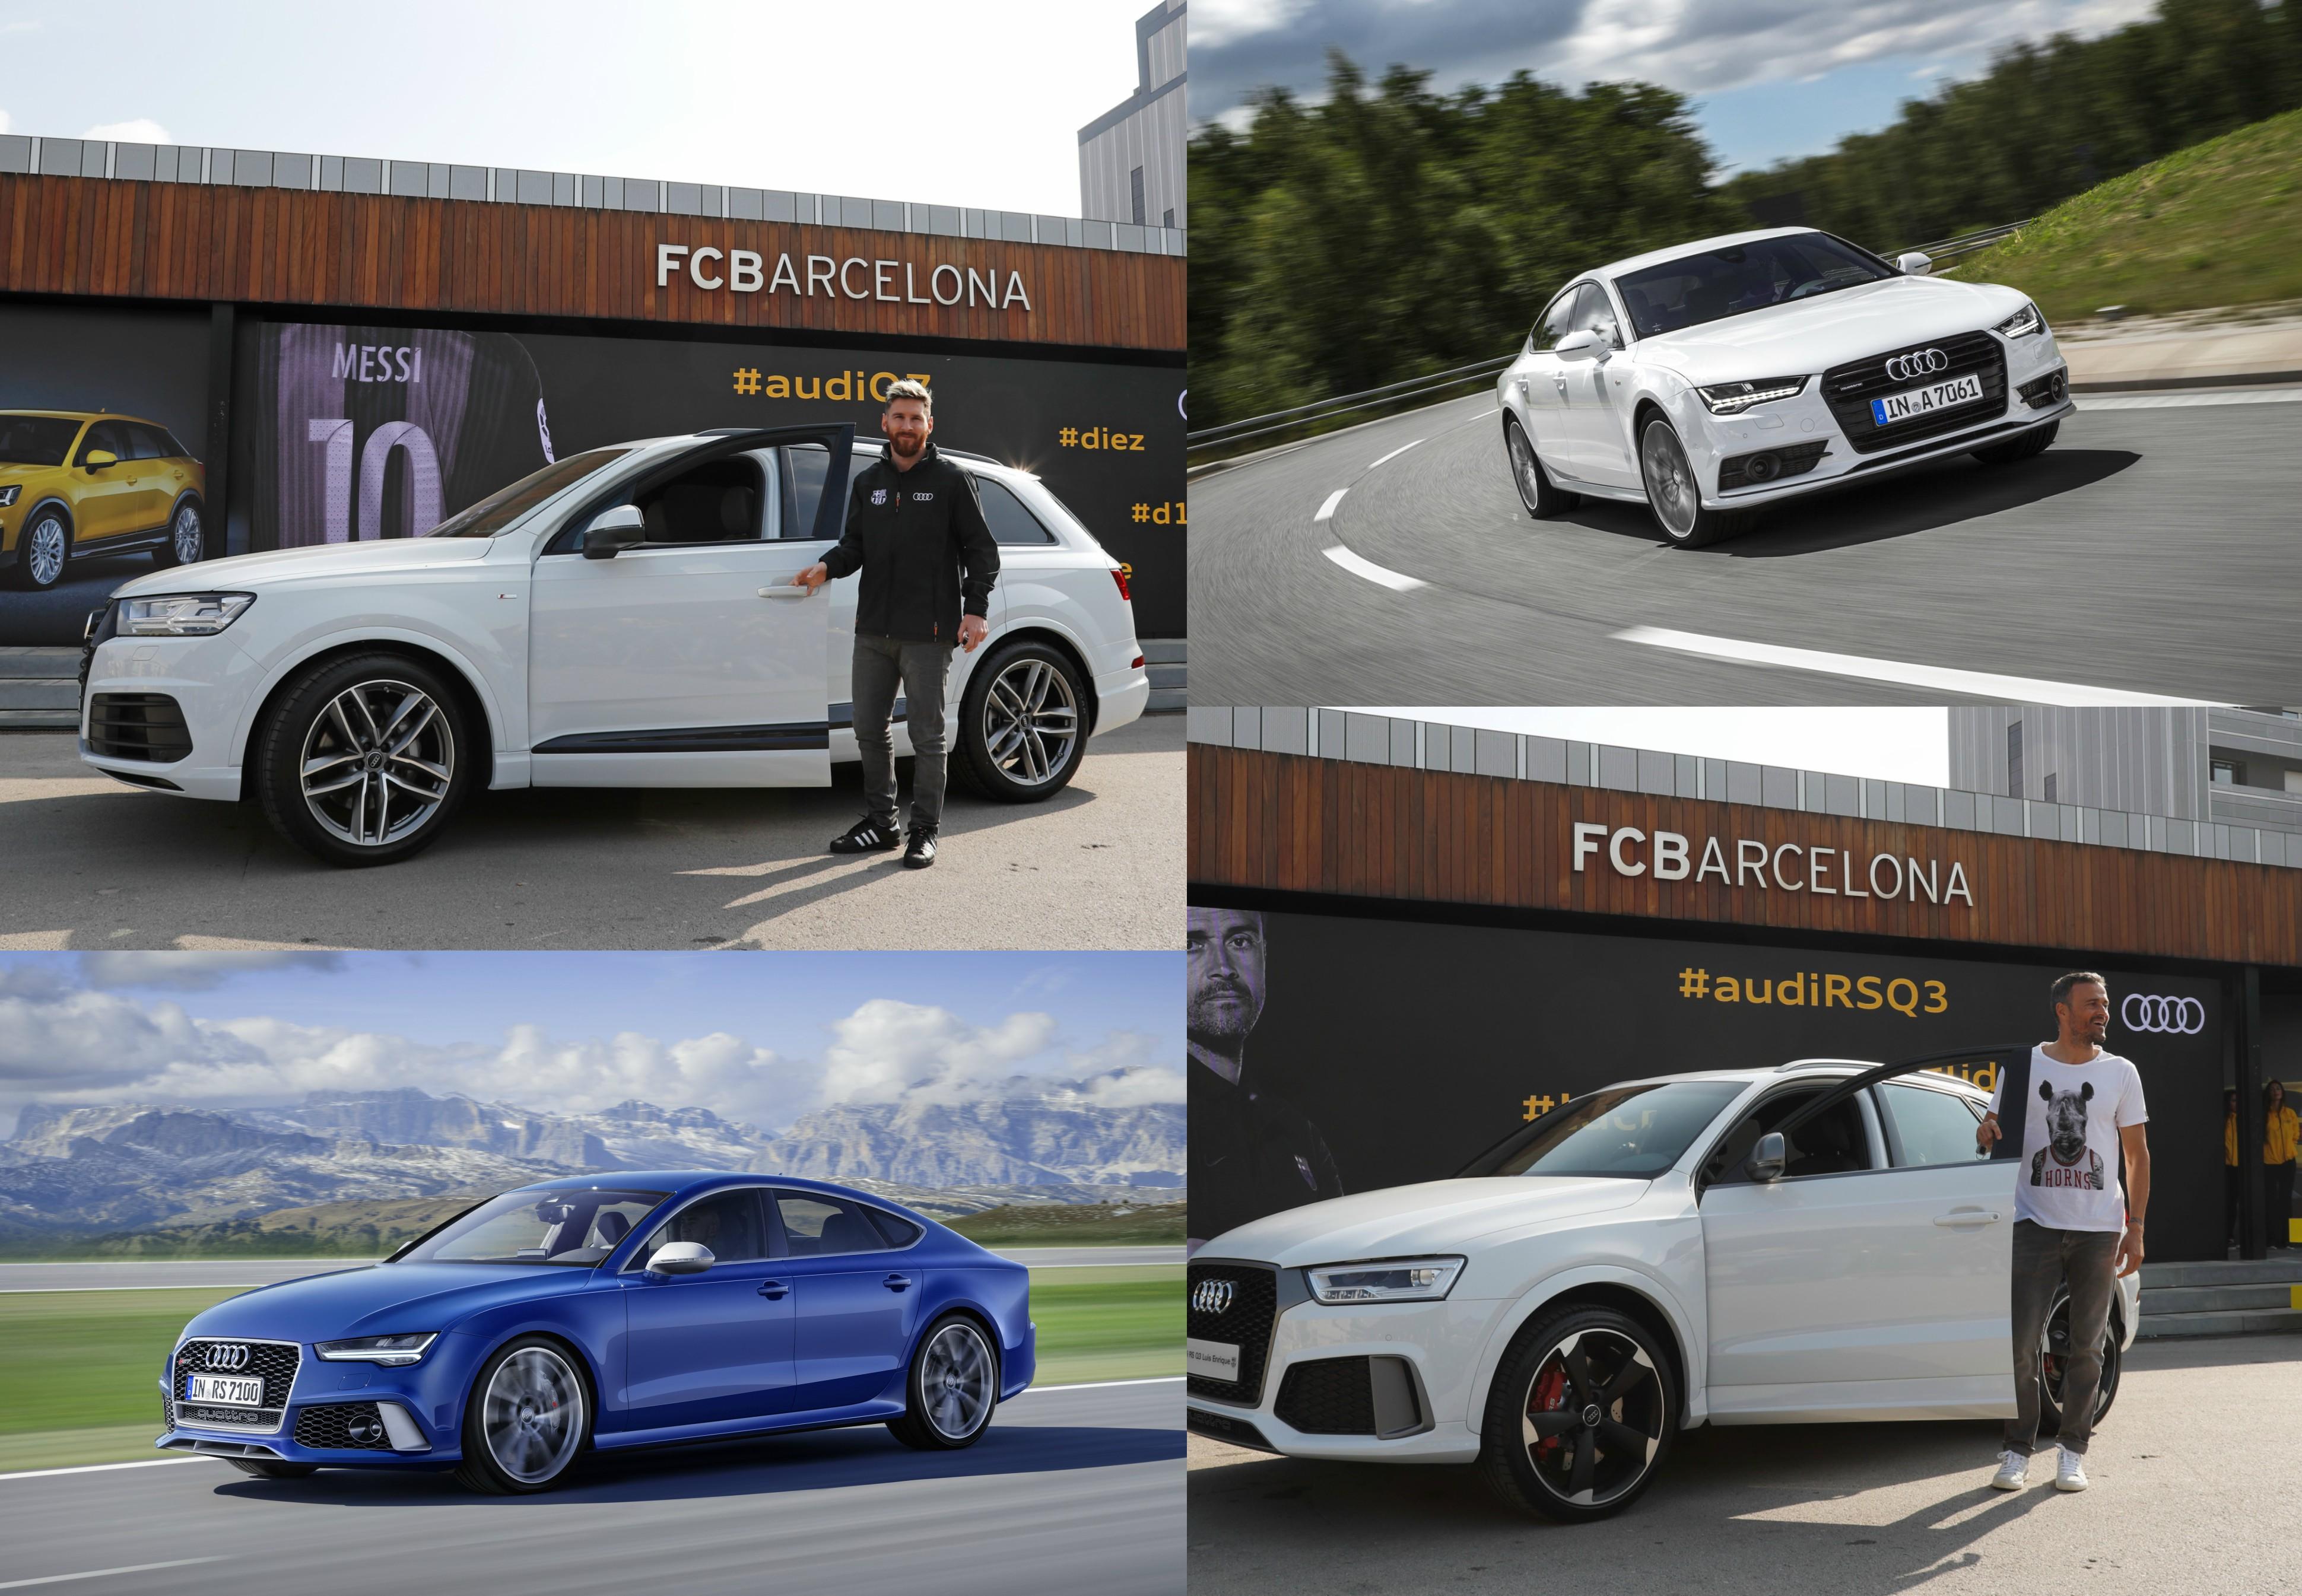 Audi entregó sus nuevos autos a las figuras del Barcelona